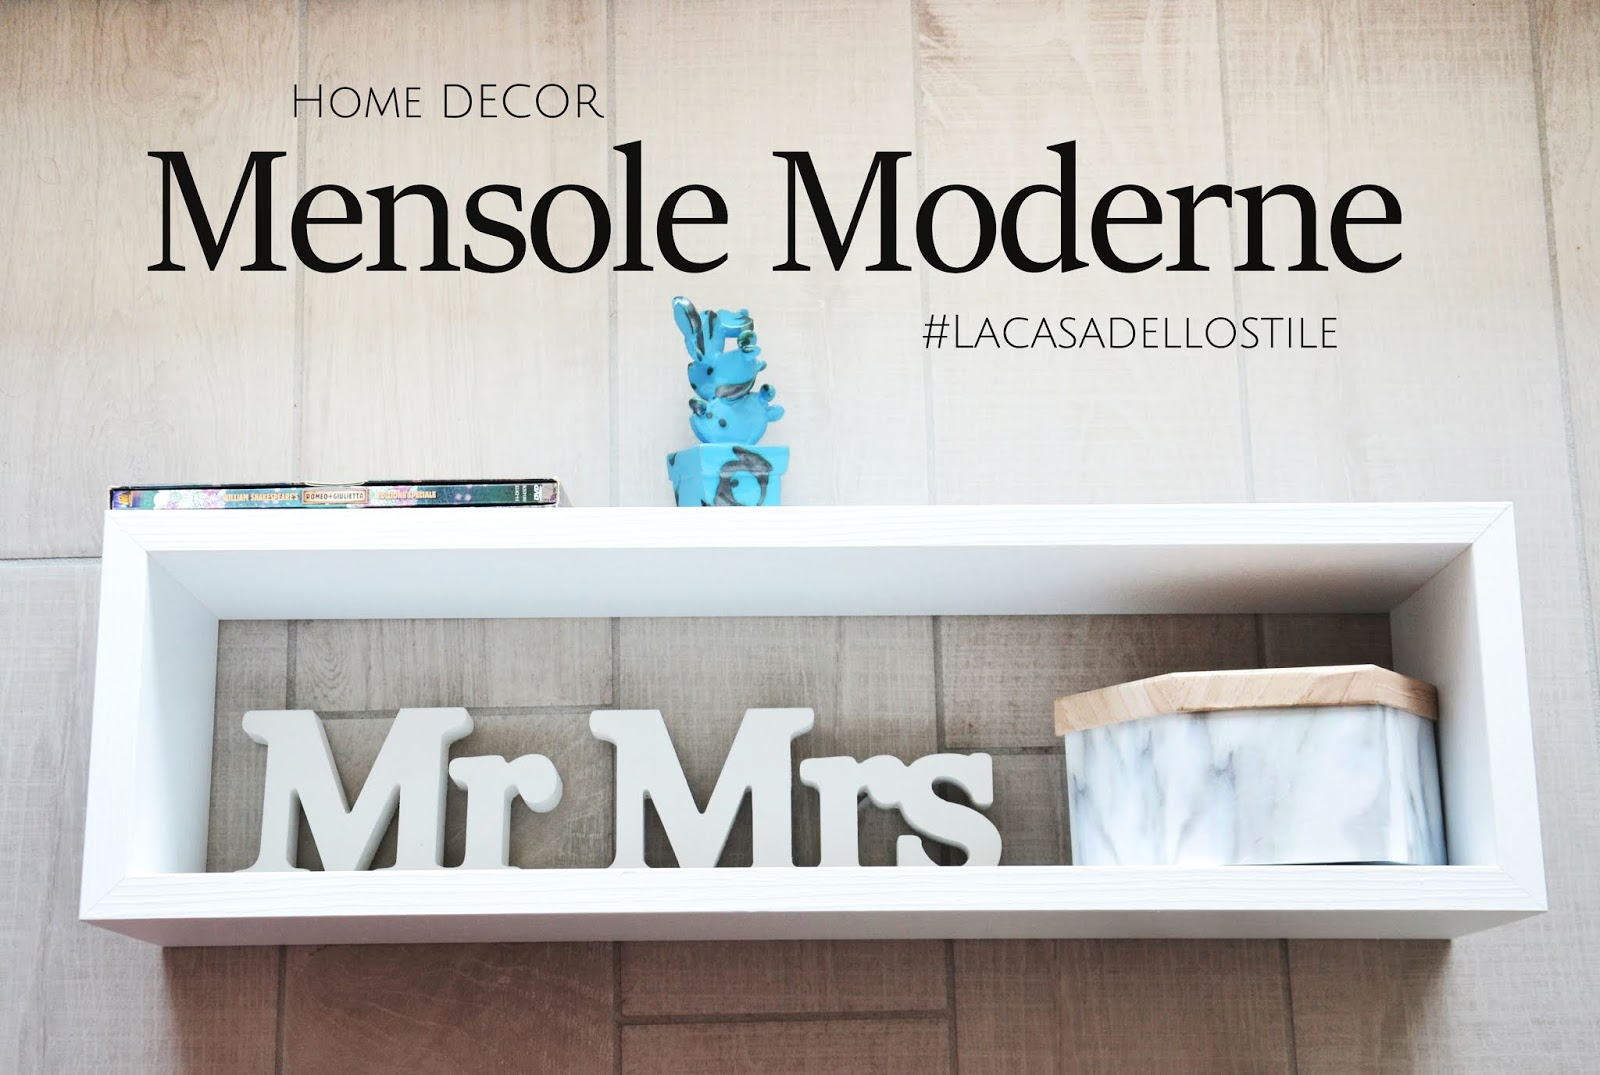 La casa dello stile: Mensole Moderne